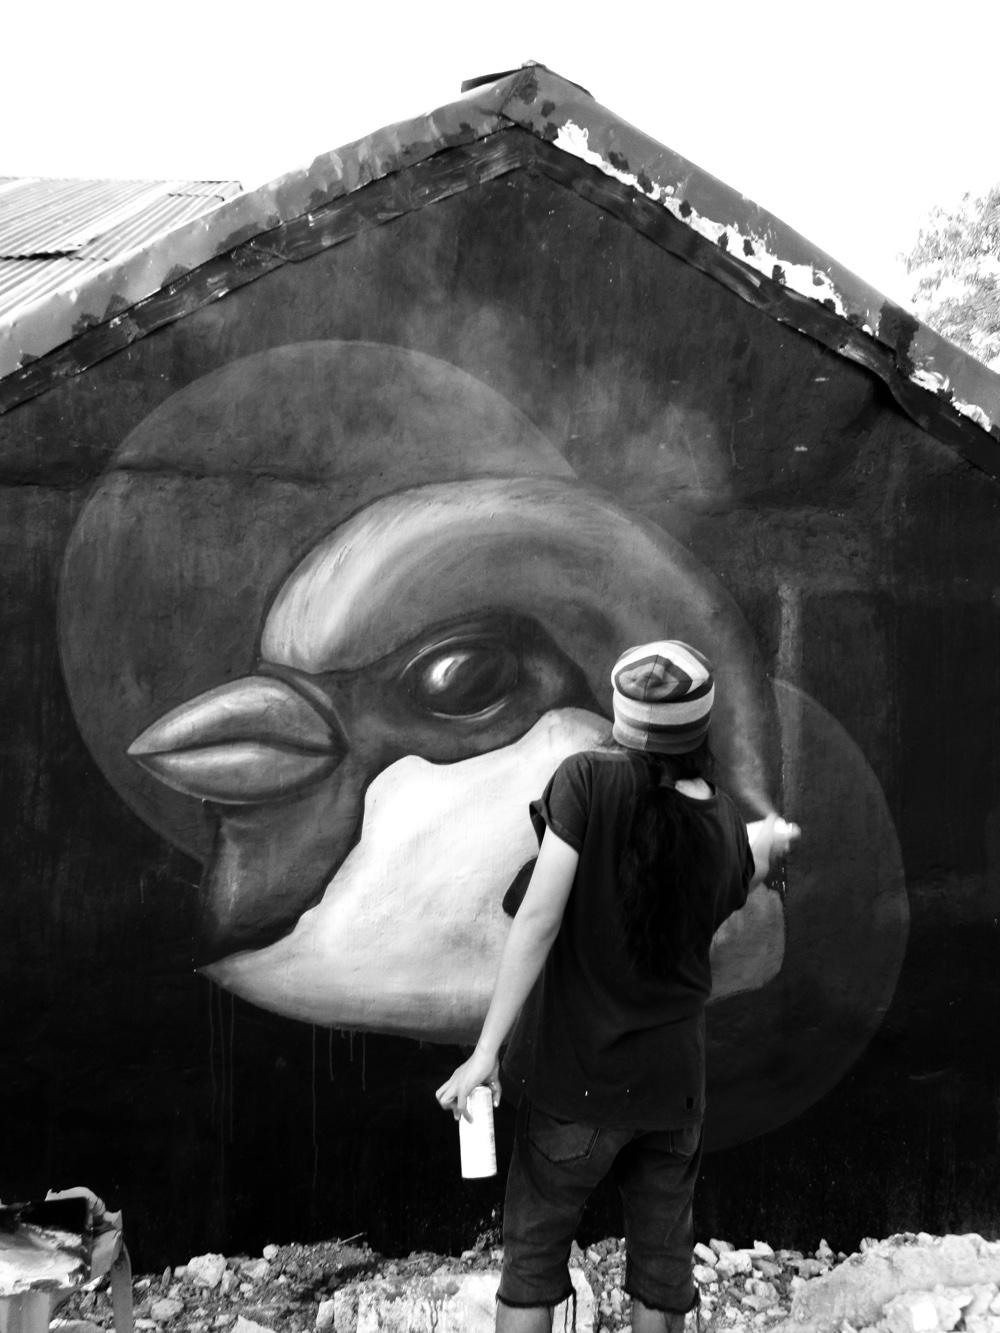 crist-espiritu-sparrow-2-0-new-mural-in-philippines-02